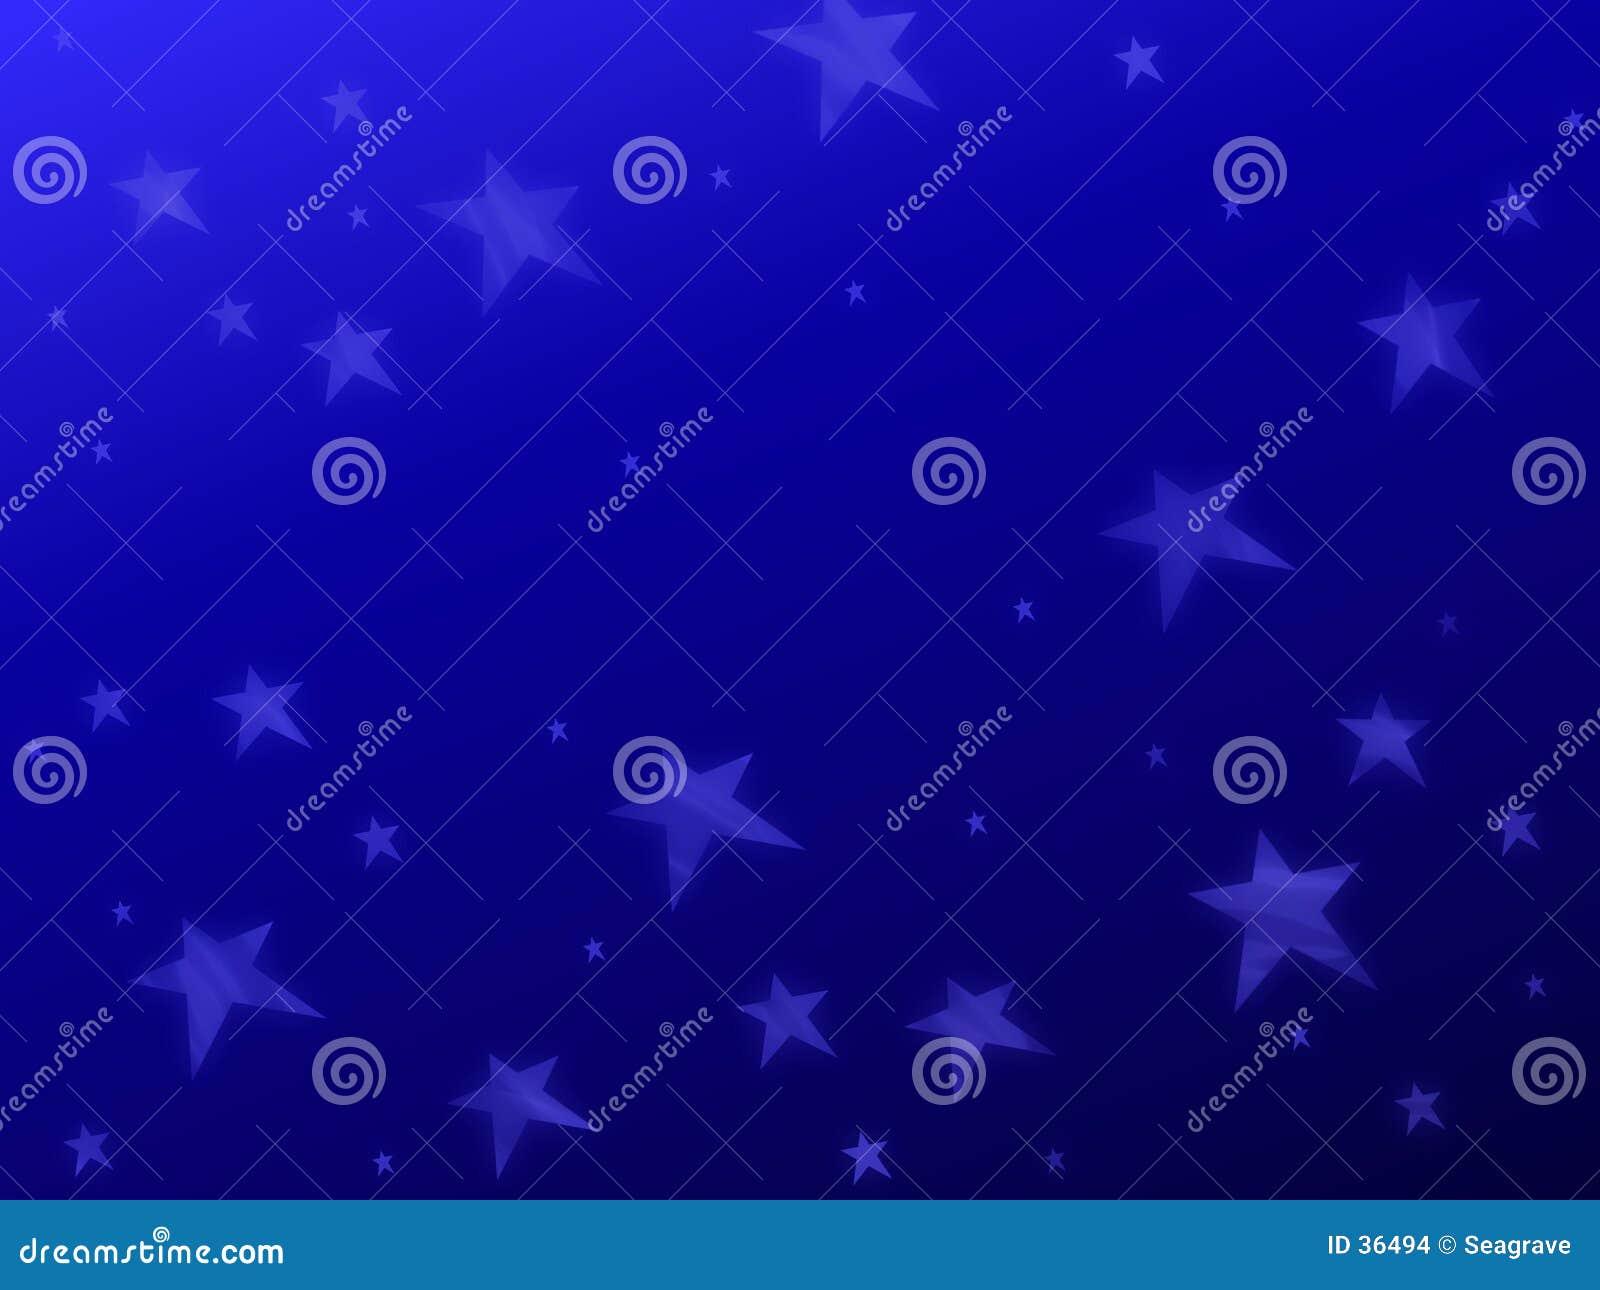 Stirrad stjärna